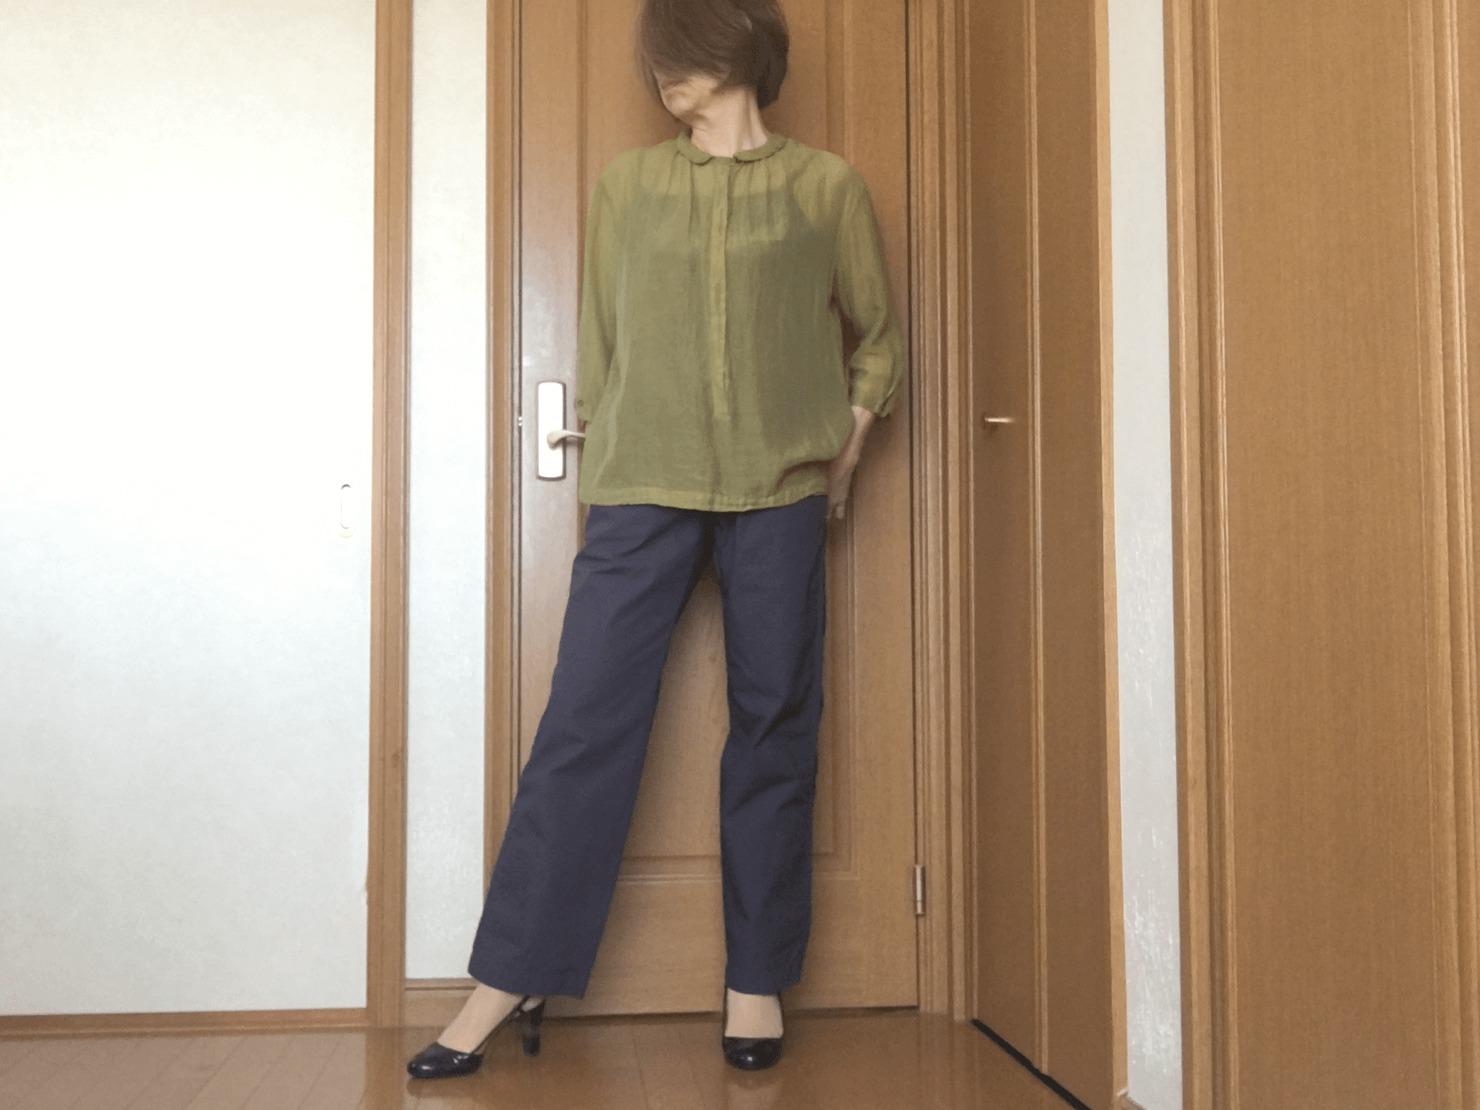 メンズのイージードローストリングパンツとブラウスのコーデの写真